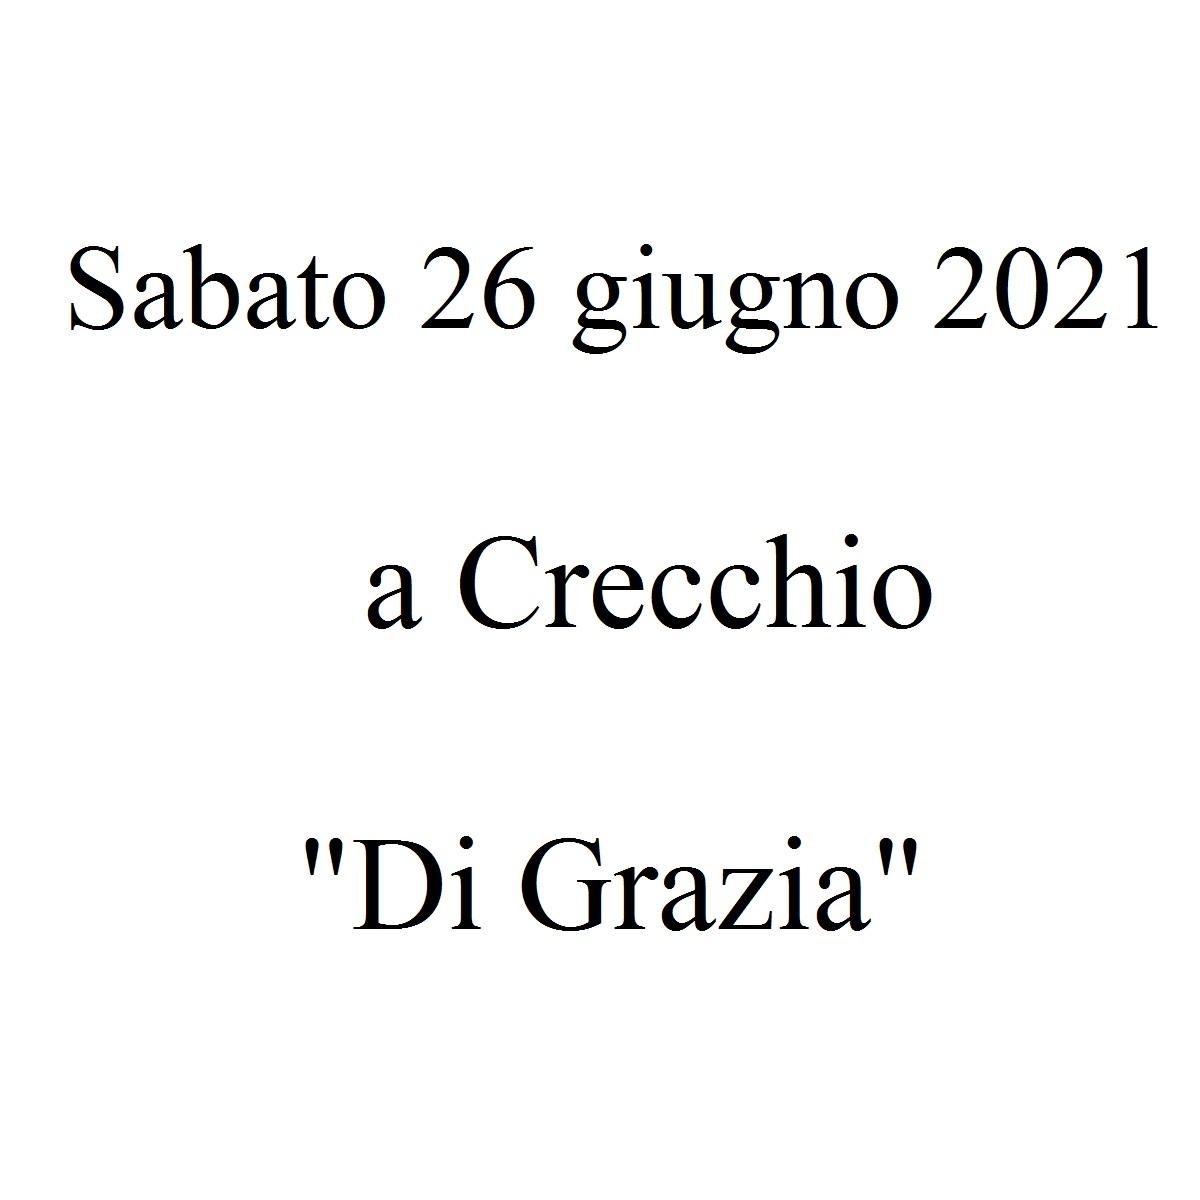 Sabato 26 giugno 2021 a Crecchio Di Grazia foto